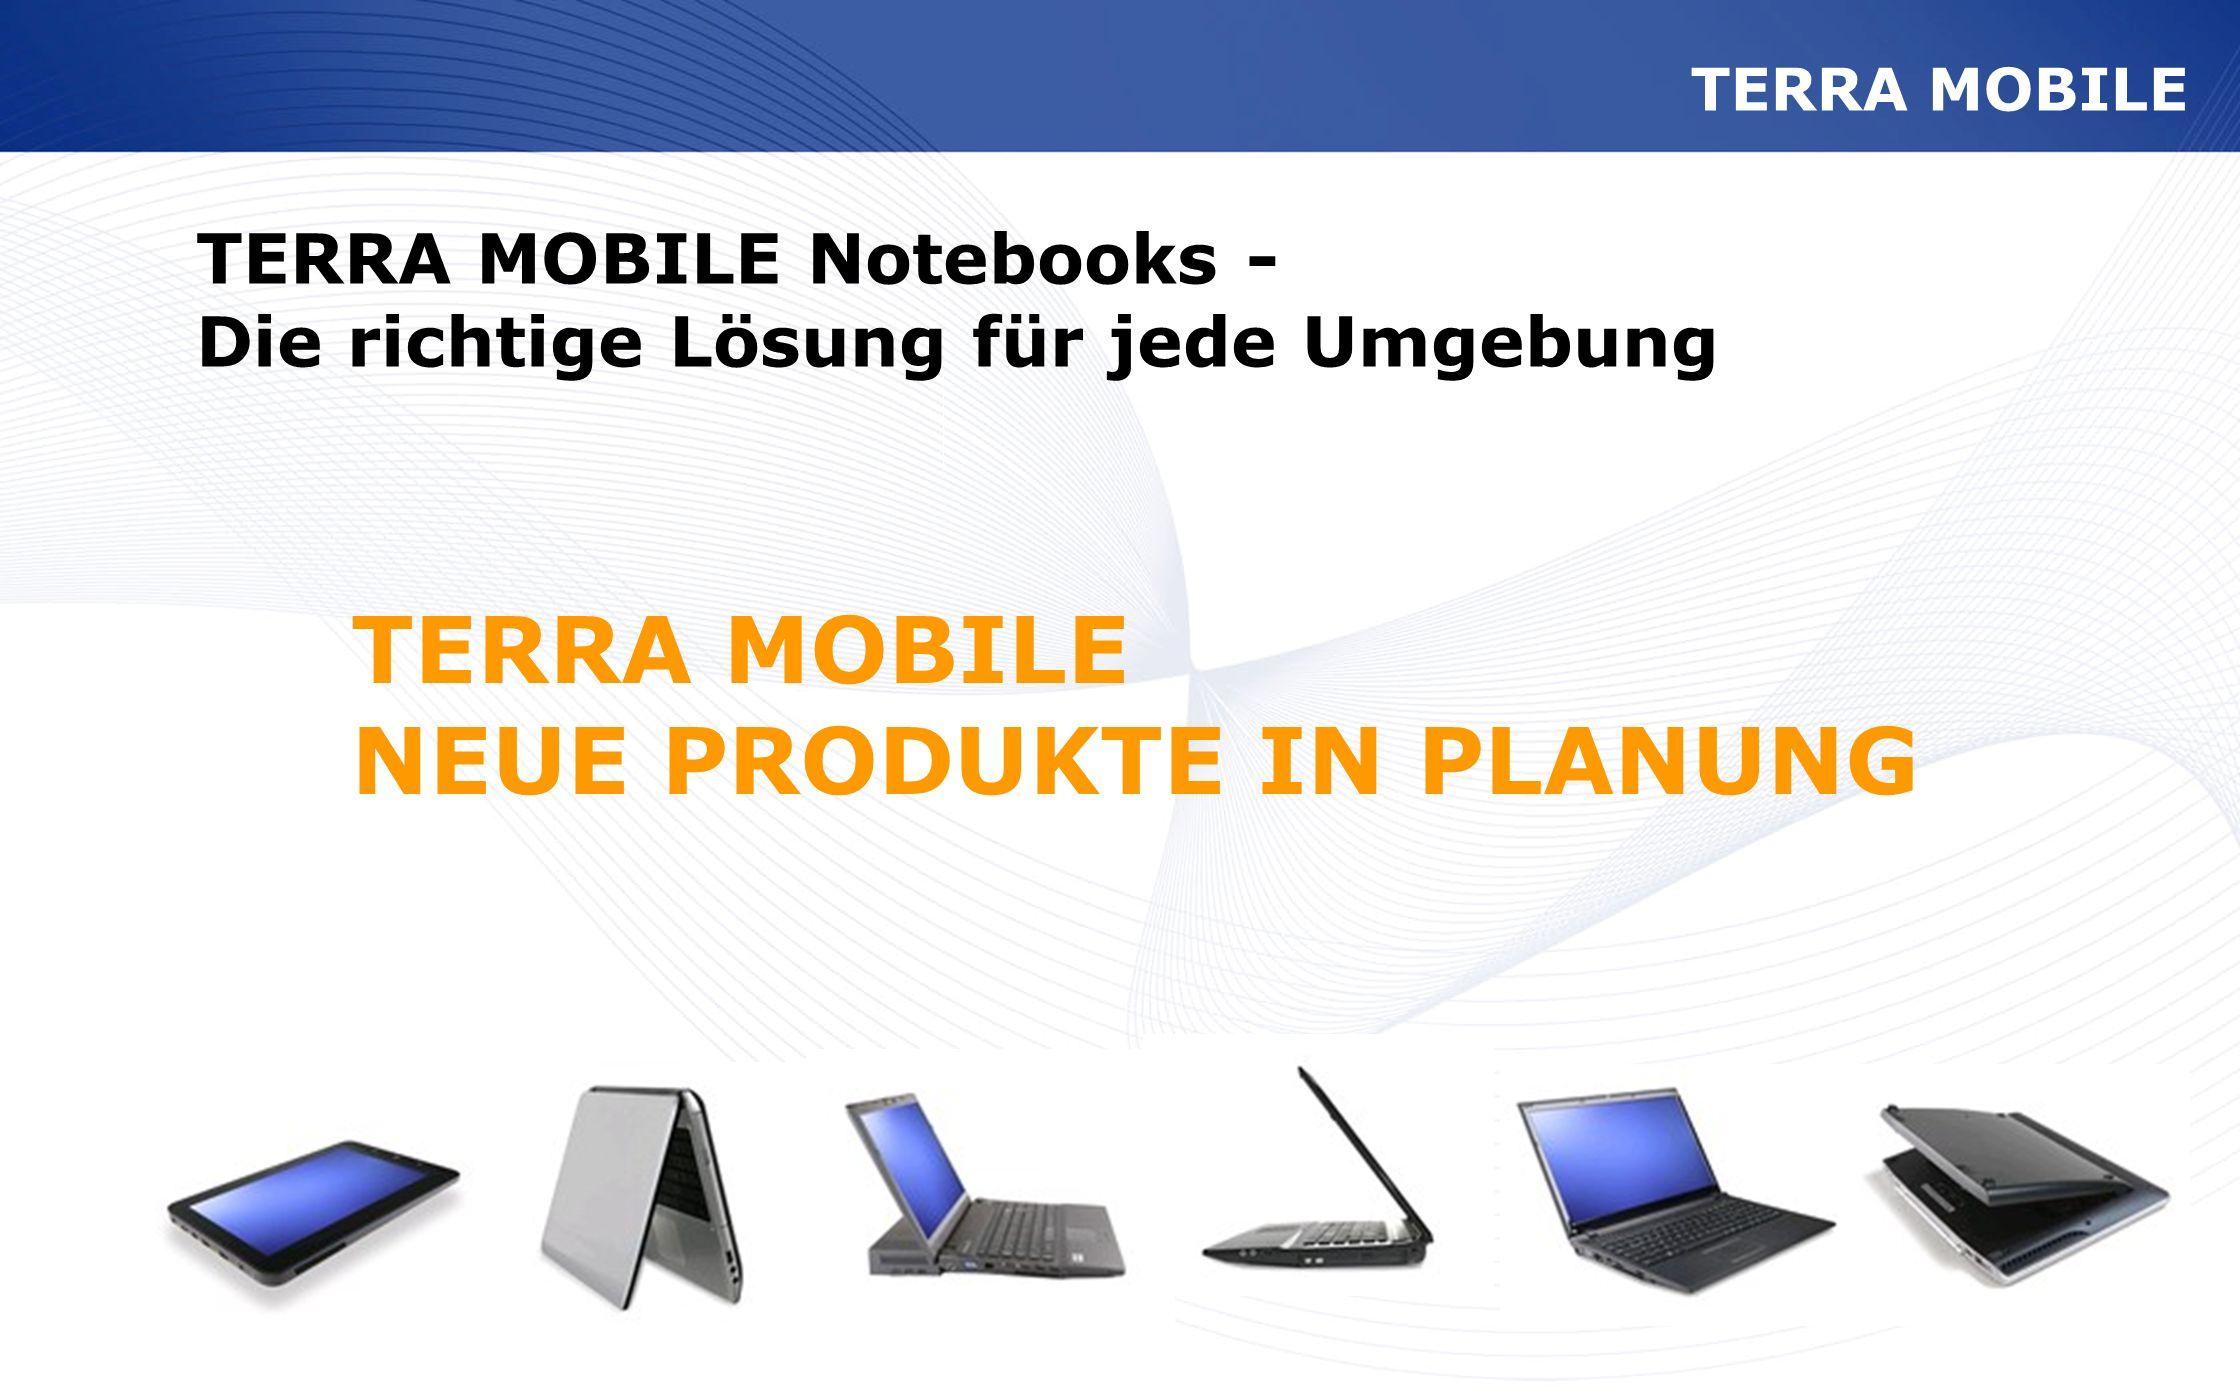 www.wortmann.de TERRA MOBILE NEUE PRODUKTE IN PLANUNG TERRA MOBILE Notebooks - Die richtige Lösung für jede Umgebung TERRA MOBILE